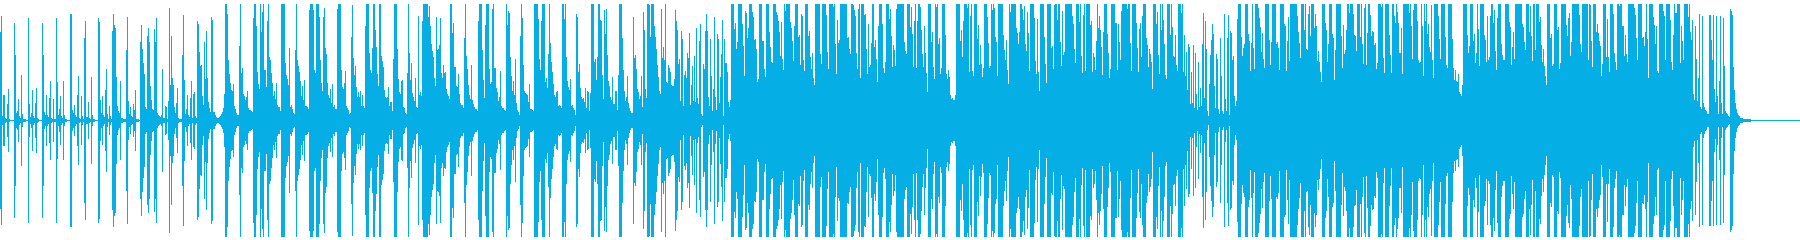 ワールド 民族 ワイルド 打楽器 ...の再生済みの波形